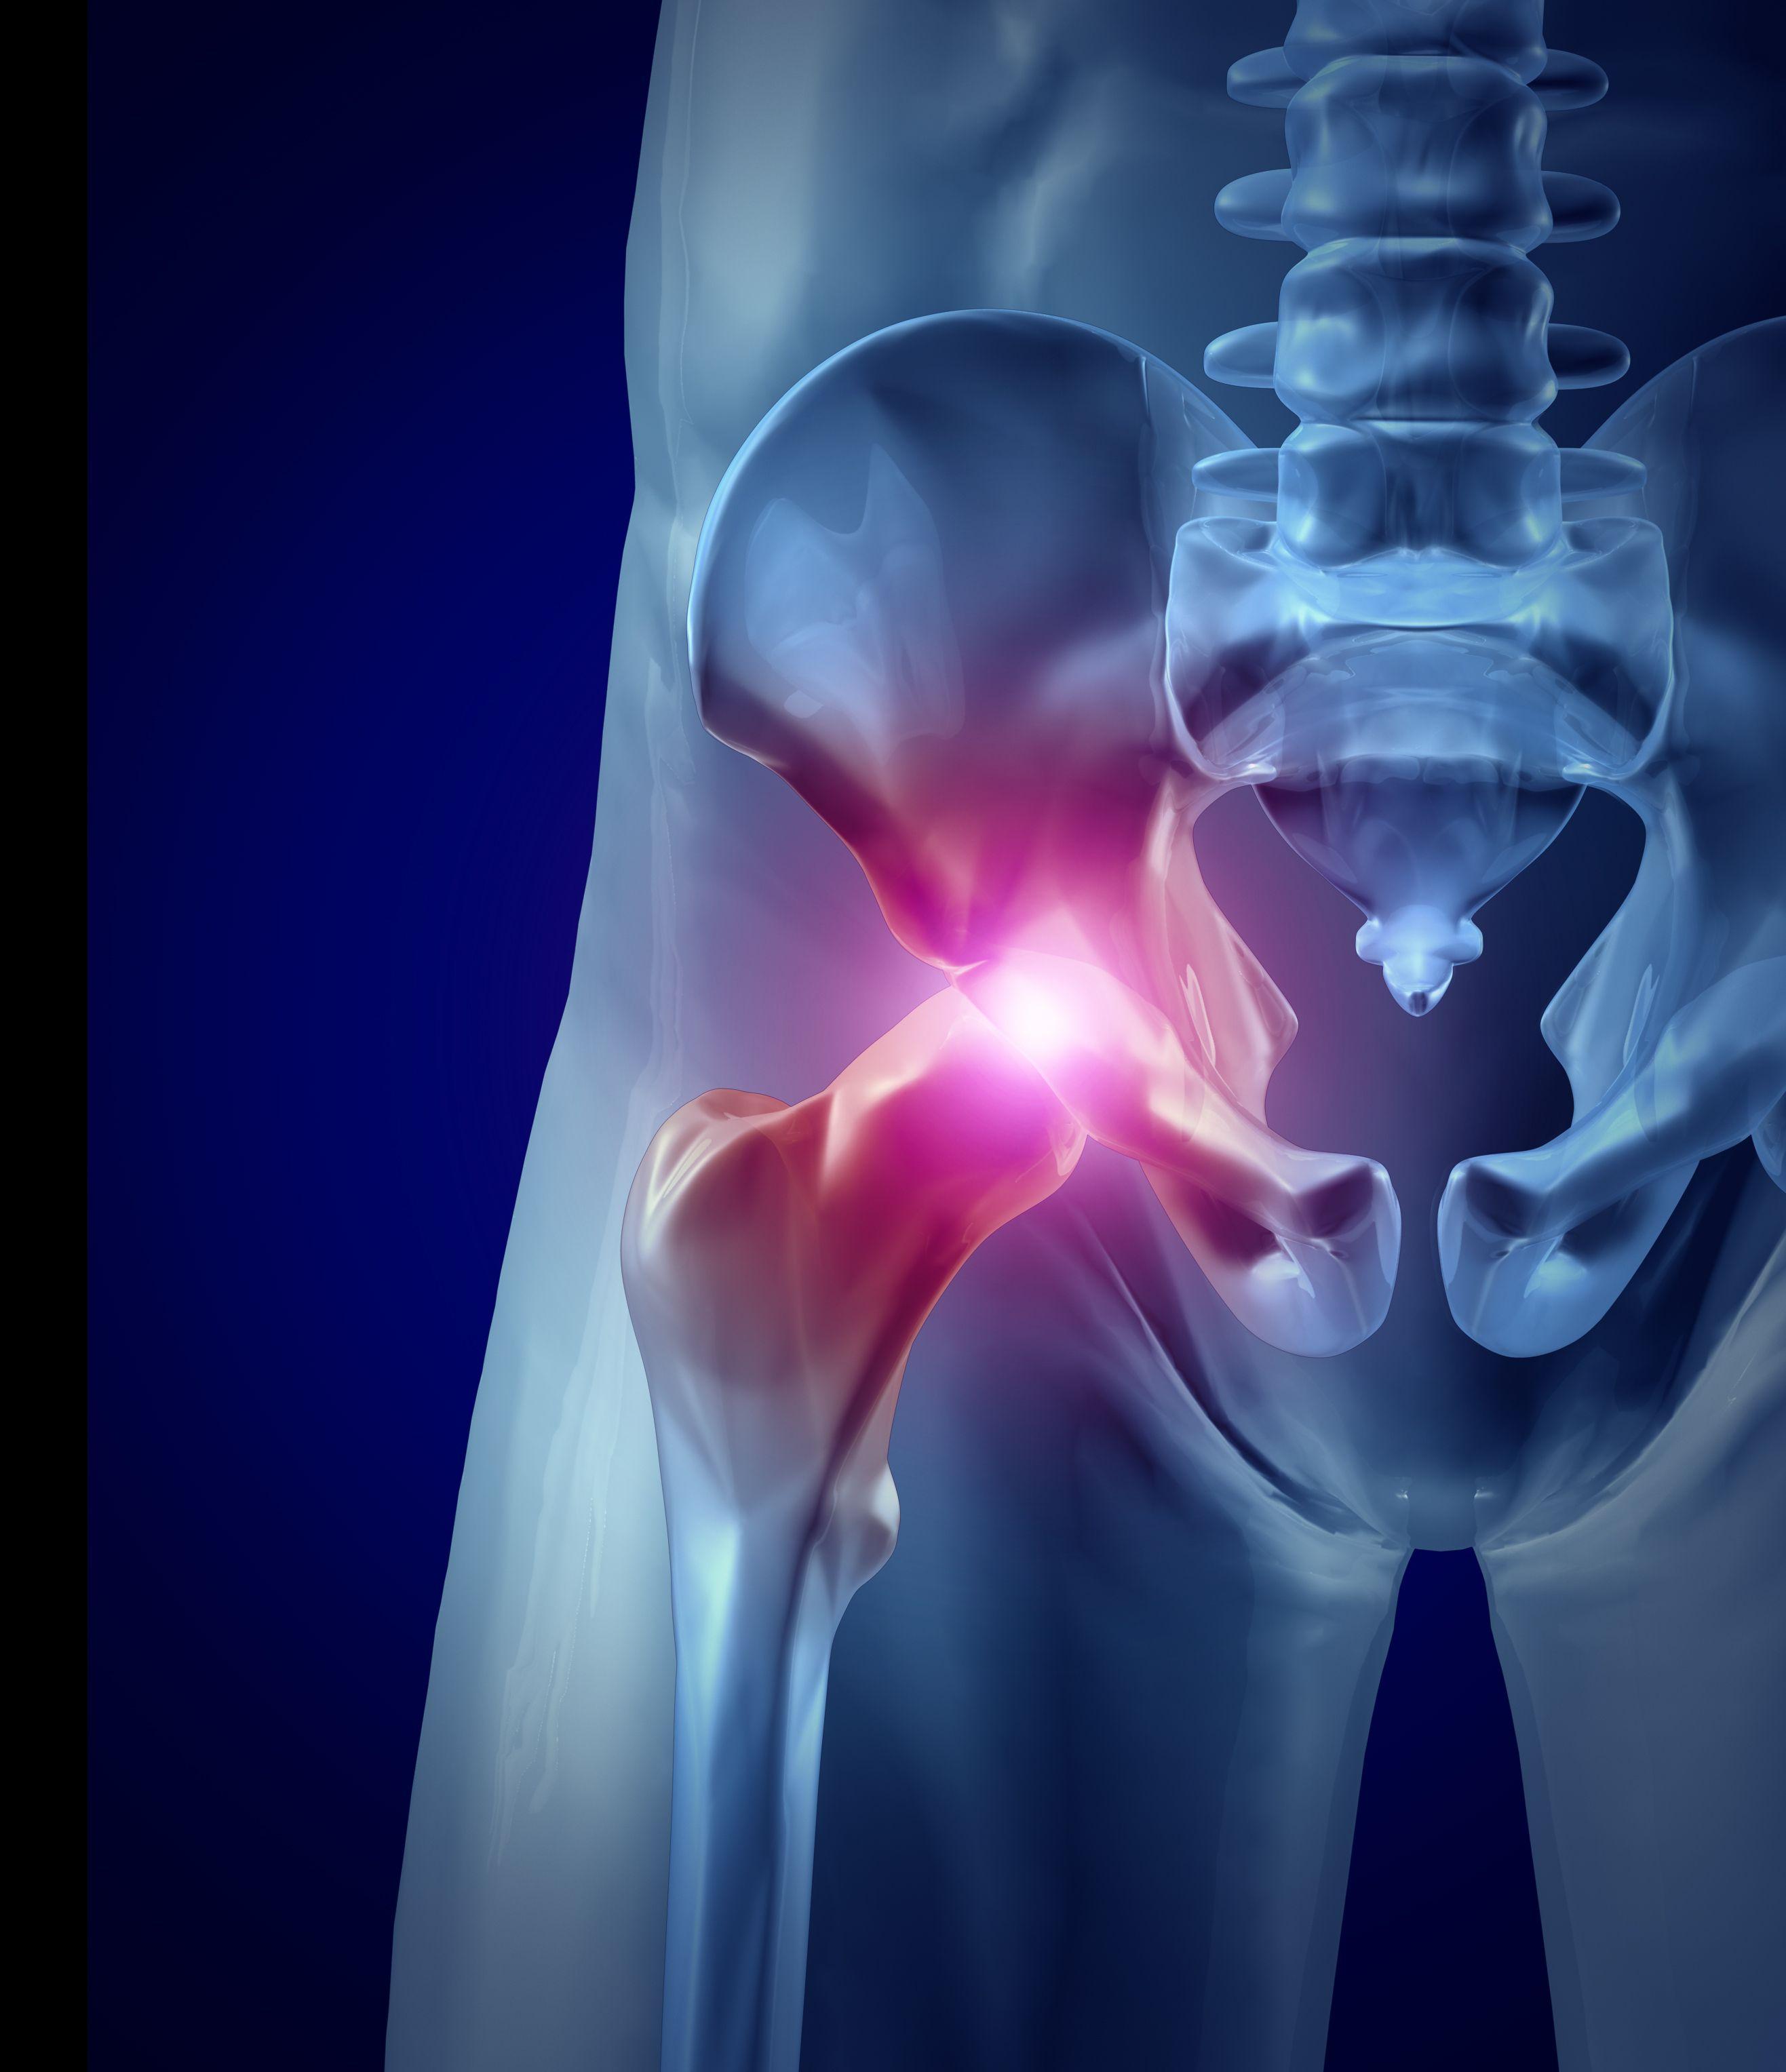 растяжение тазобедренного сустава симптомы лечение